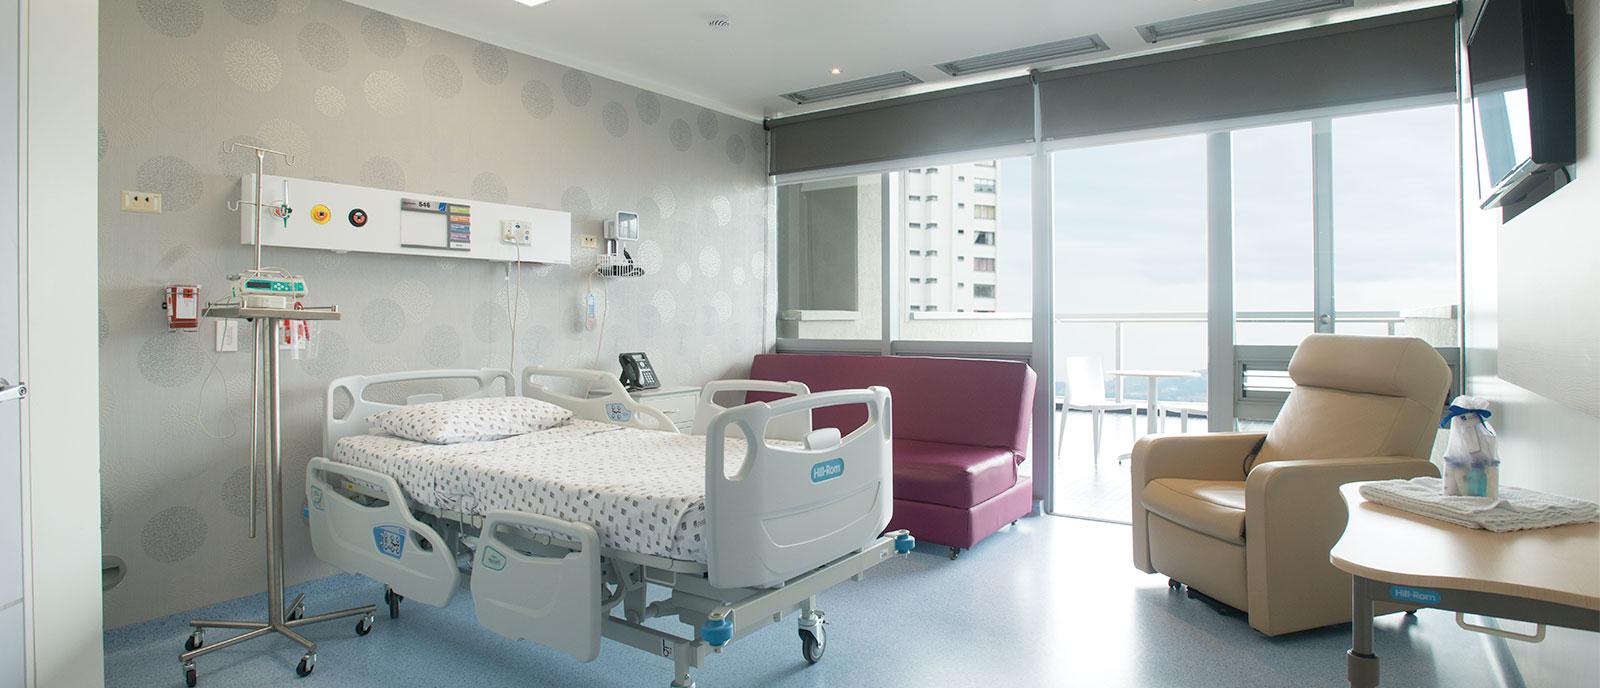 Hospitalizaci n suites hospitalizaci n centro m dico for Programa para disenar cuartos